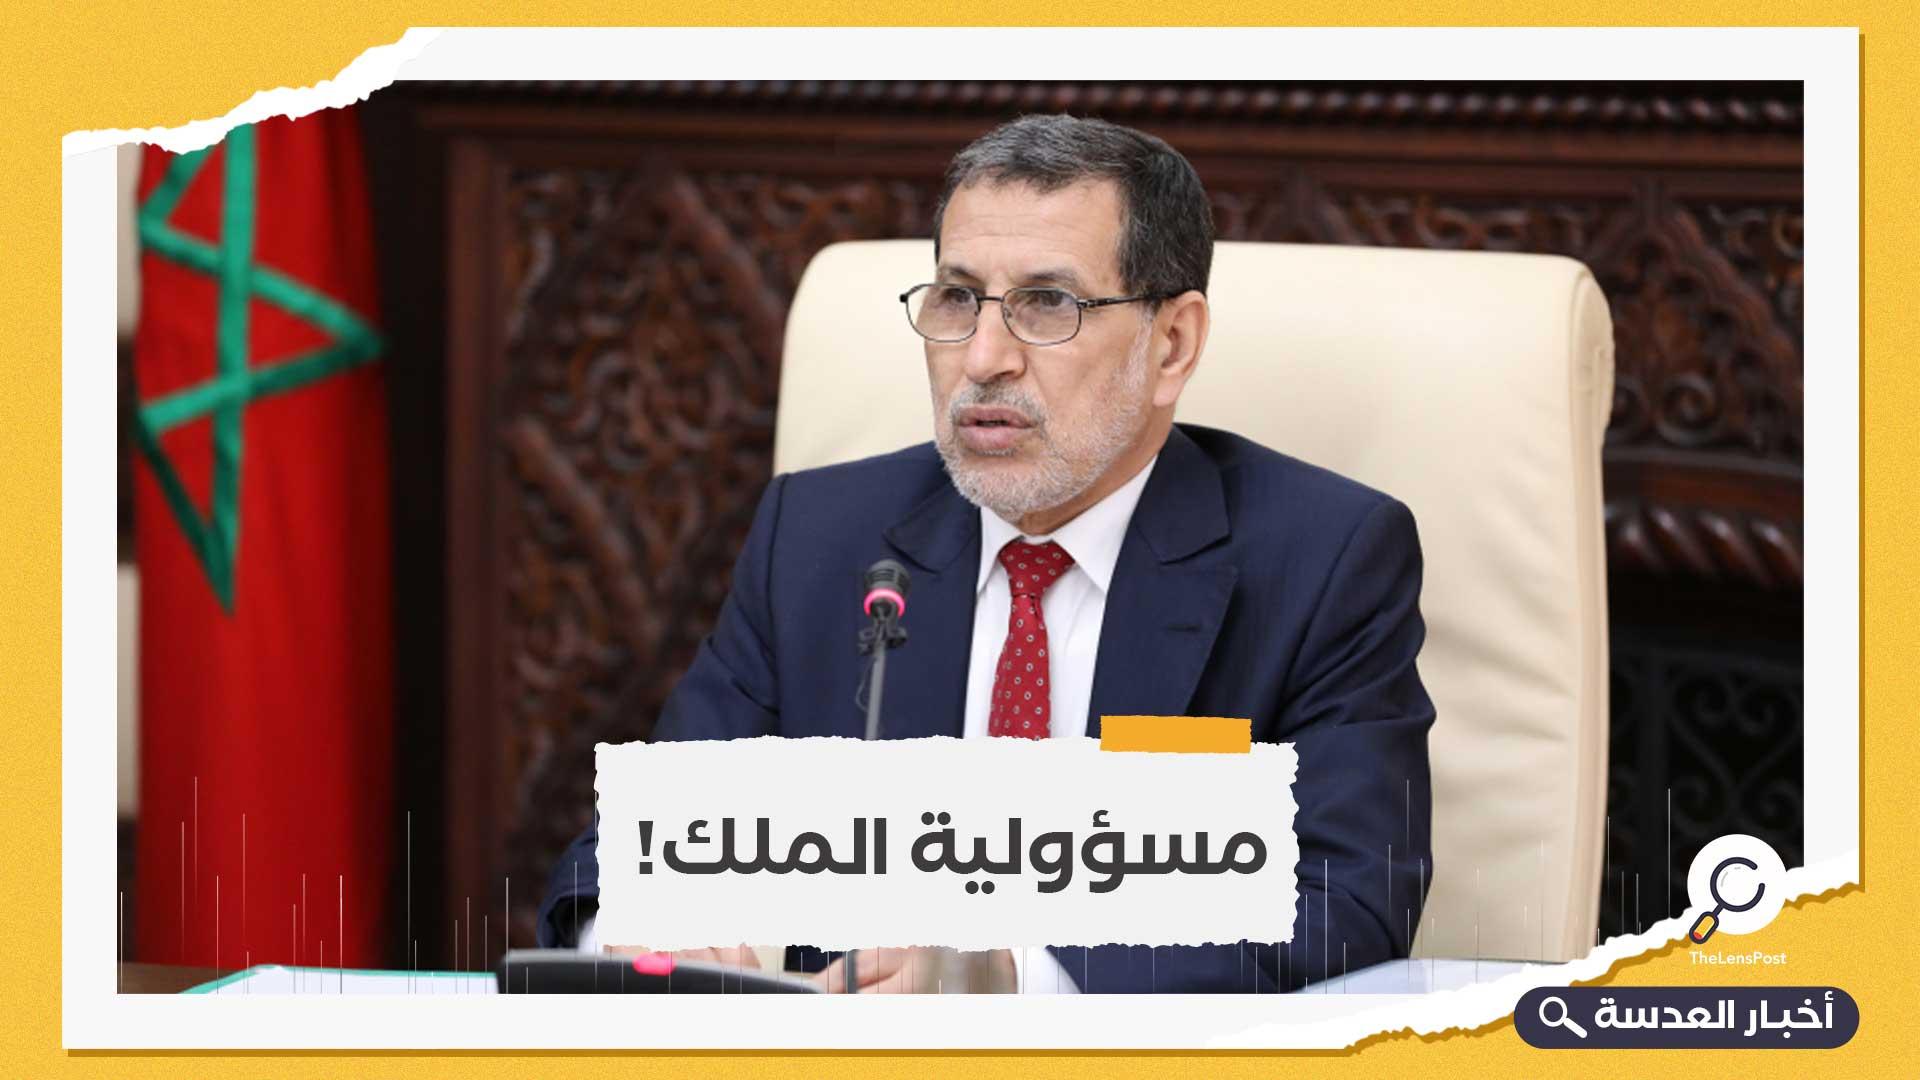 رئيس الوزراء المغربي